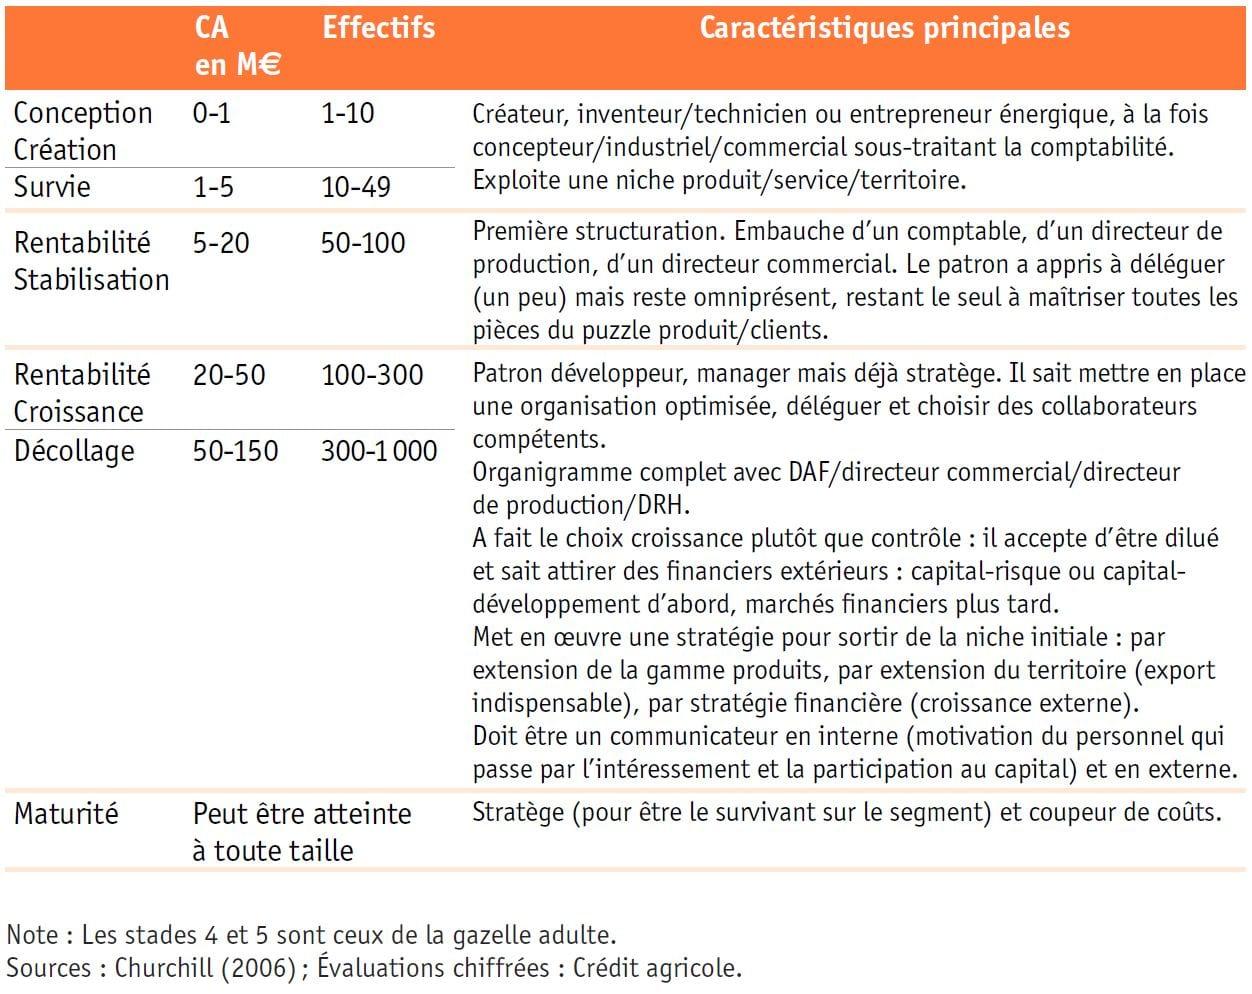 croissance des PME, OSEO - étude PME - Graph1 Six phases de développement des entreprises, indices boursiers mondiaux temps réel, croissance pme